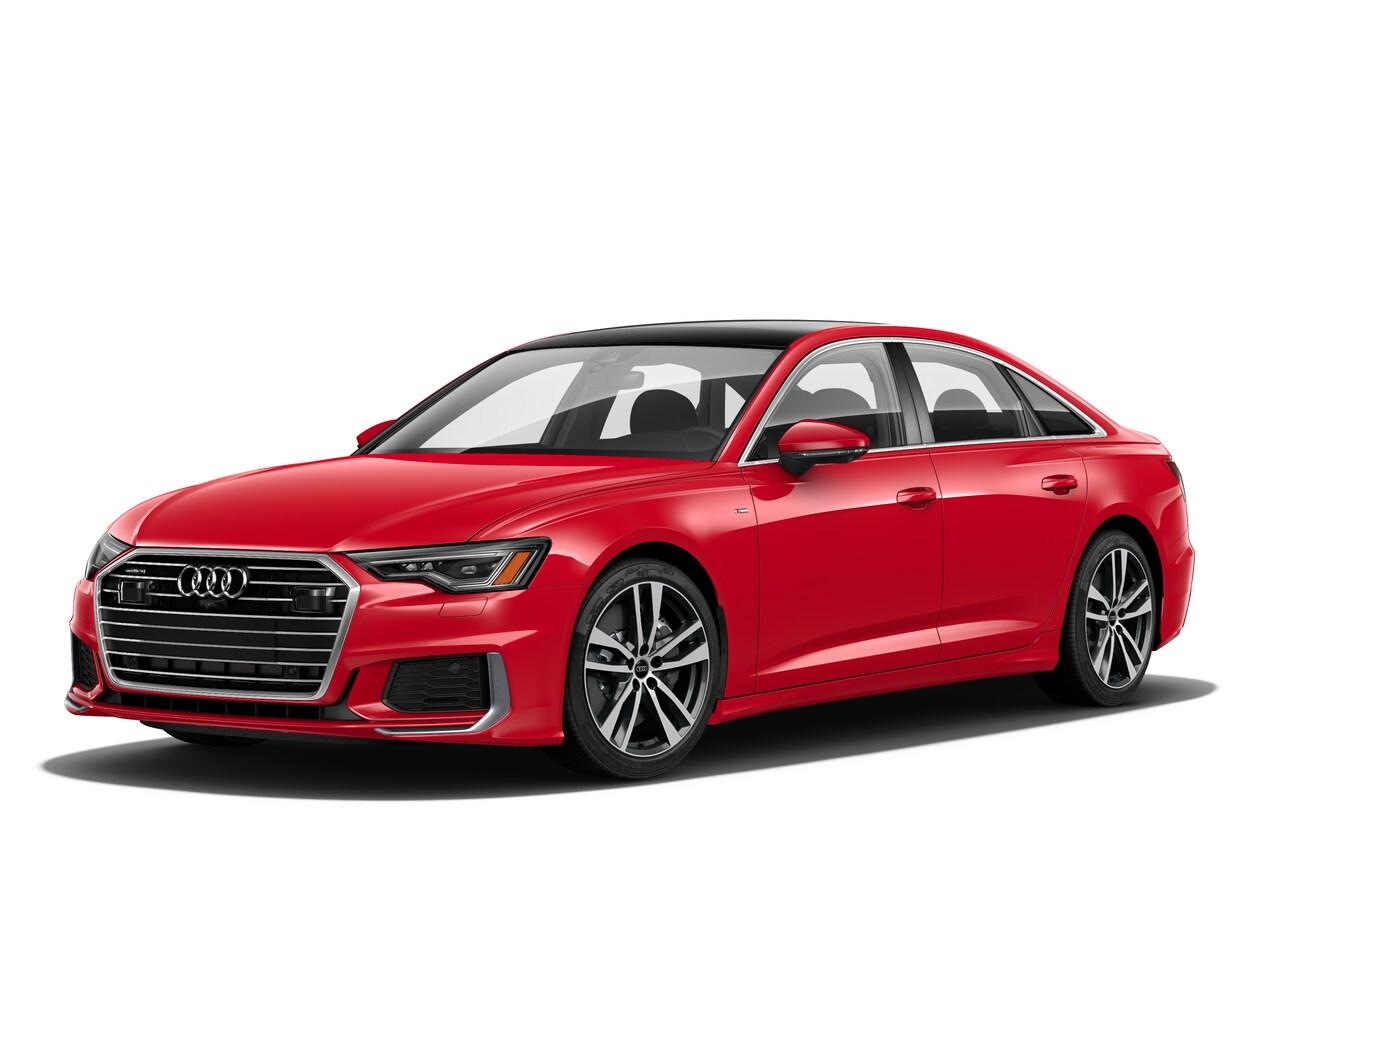 2021 Audi A6 AWD 3.0T quattro Premium Plus Sedan